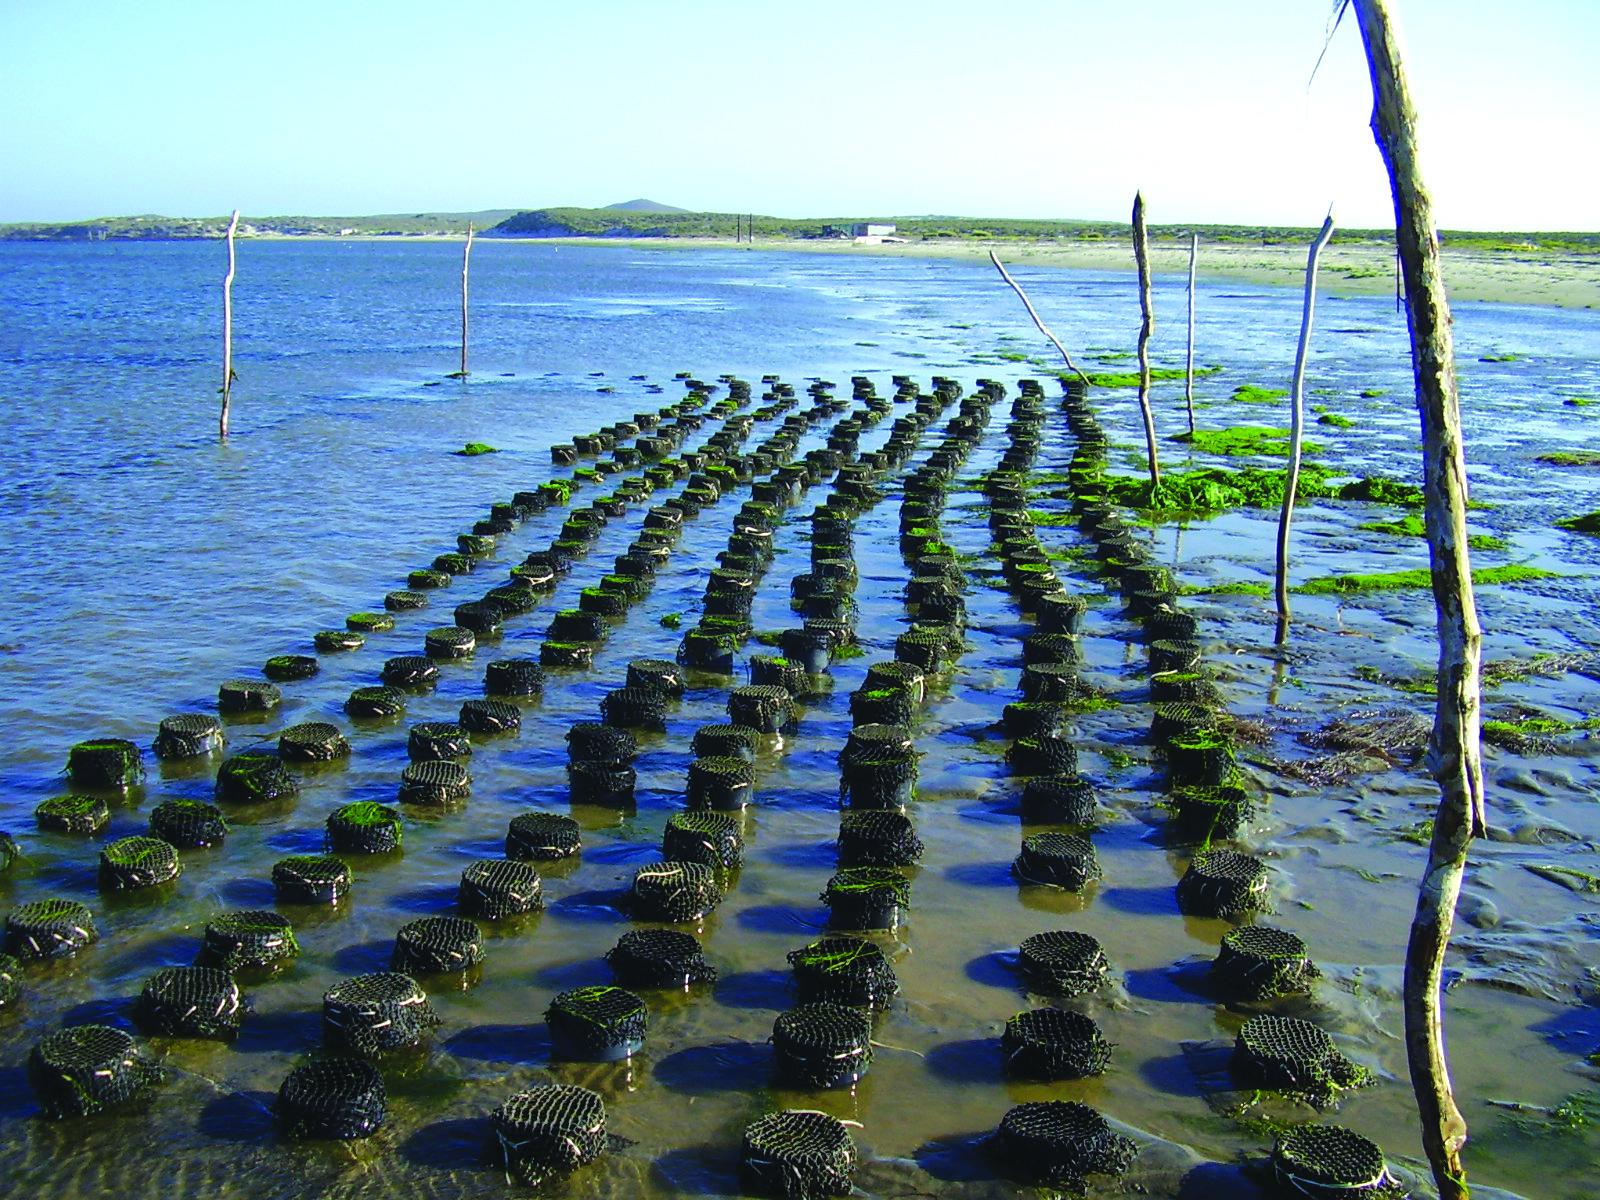 La Maricultura Ribereña Como Política Pública Pesquera Y Acuícola.(Conservación Y Desarrollo A Través De La Diversificación Productiva)